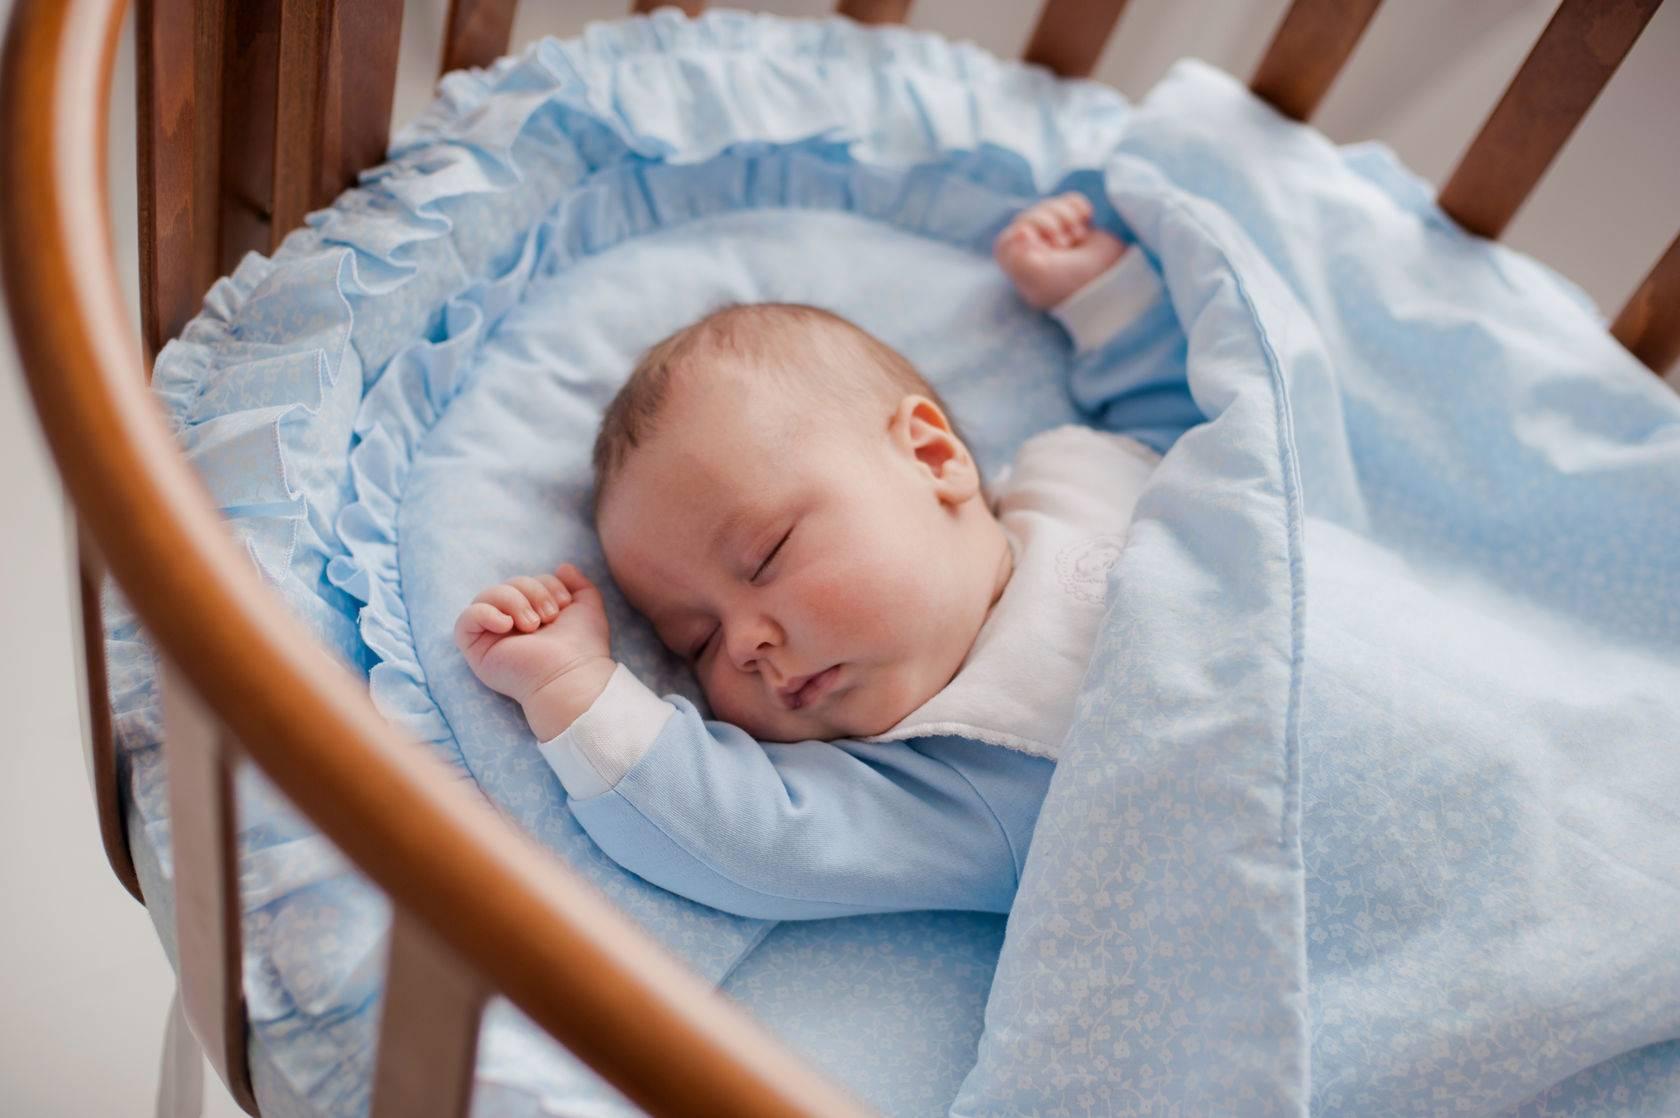 Совместный сон с ребенком: за и против